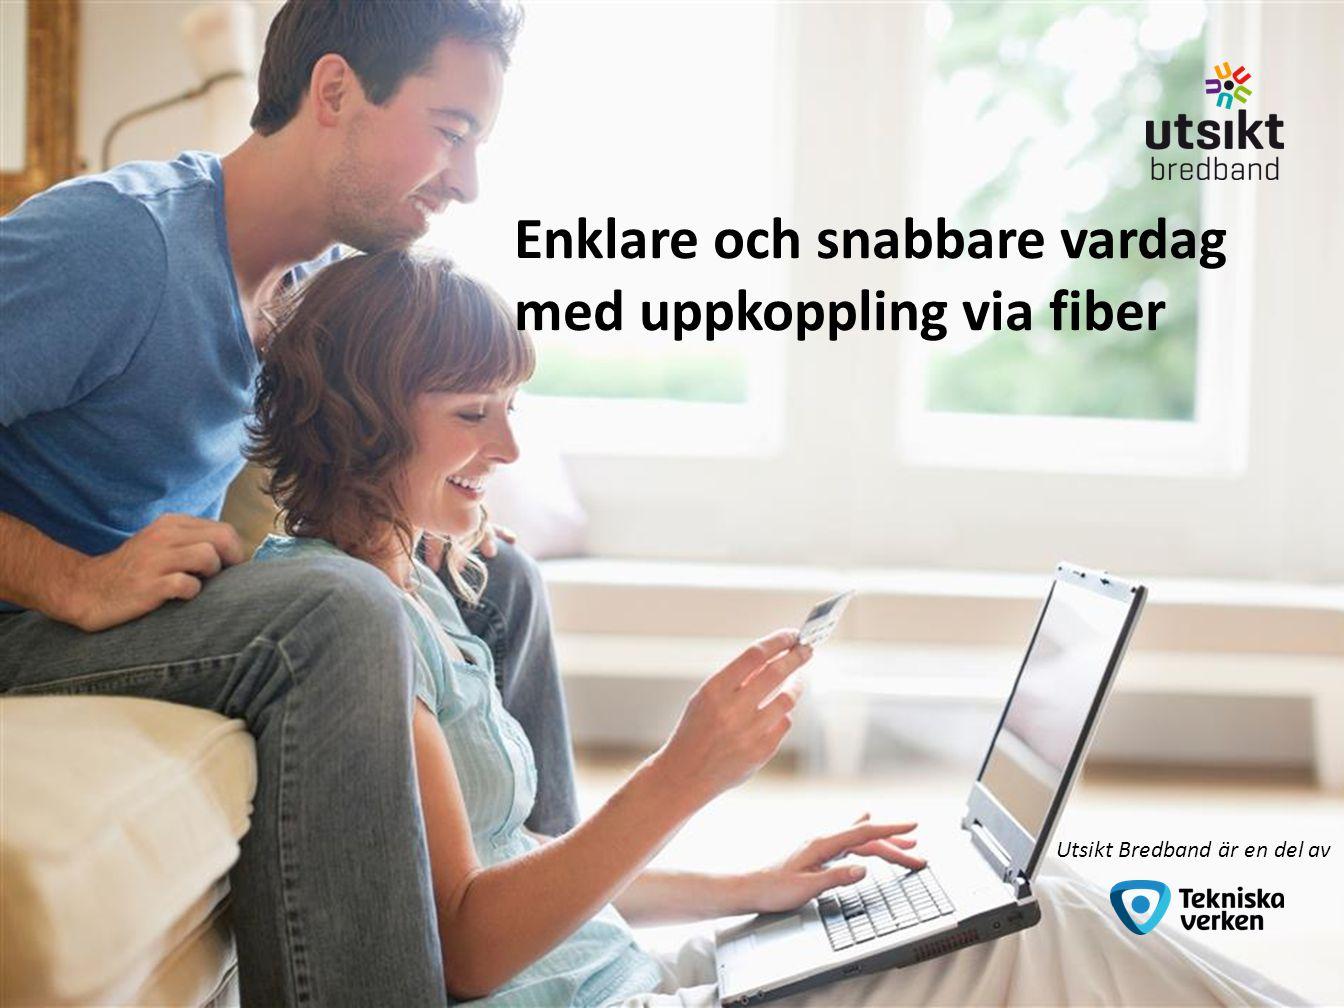 Enklare och snabbare vardag med uppkoppling via fiber